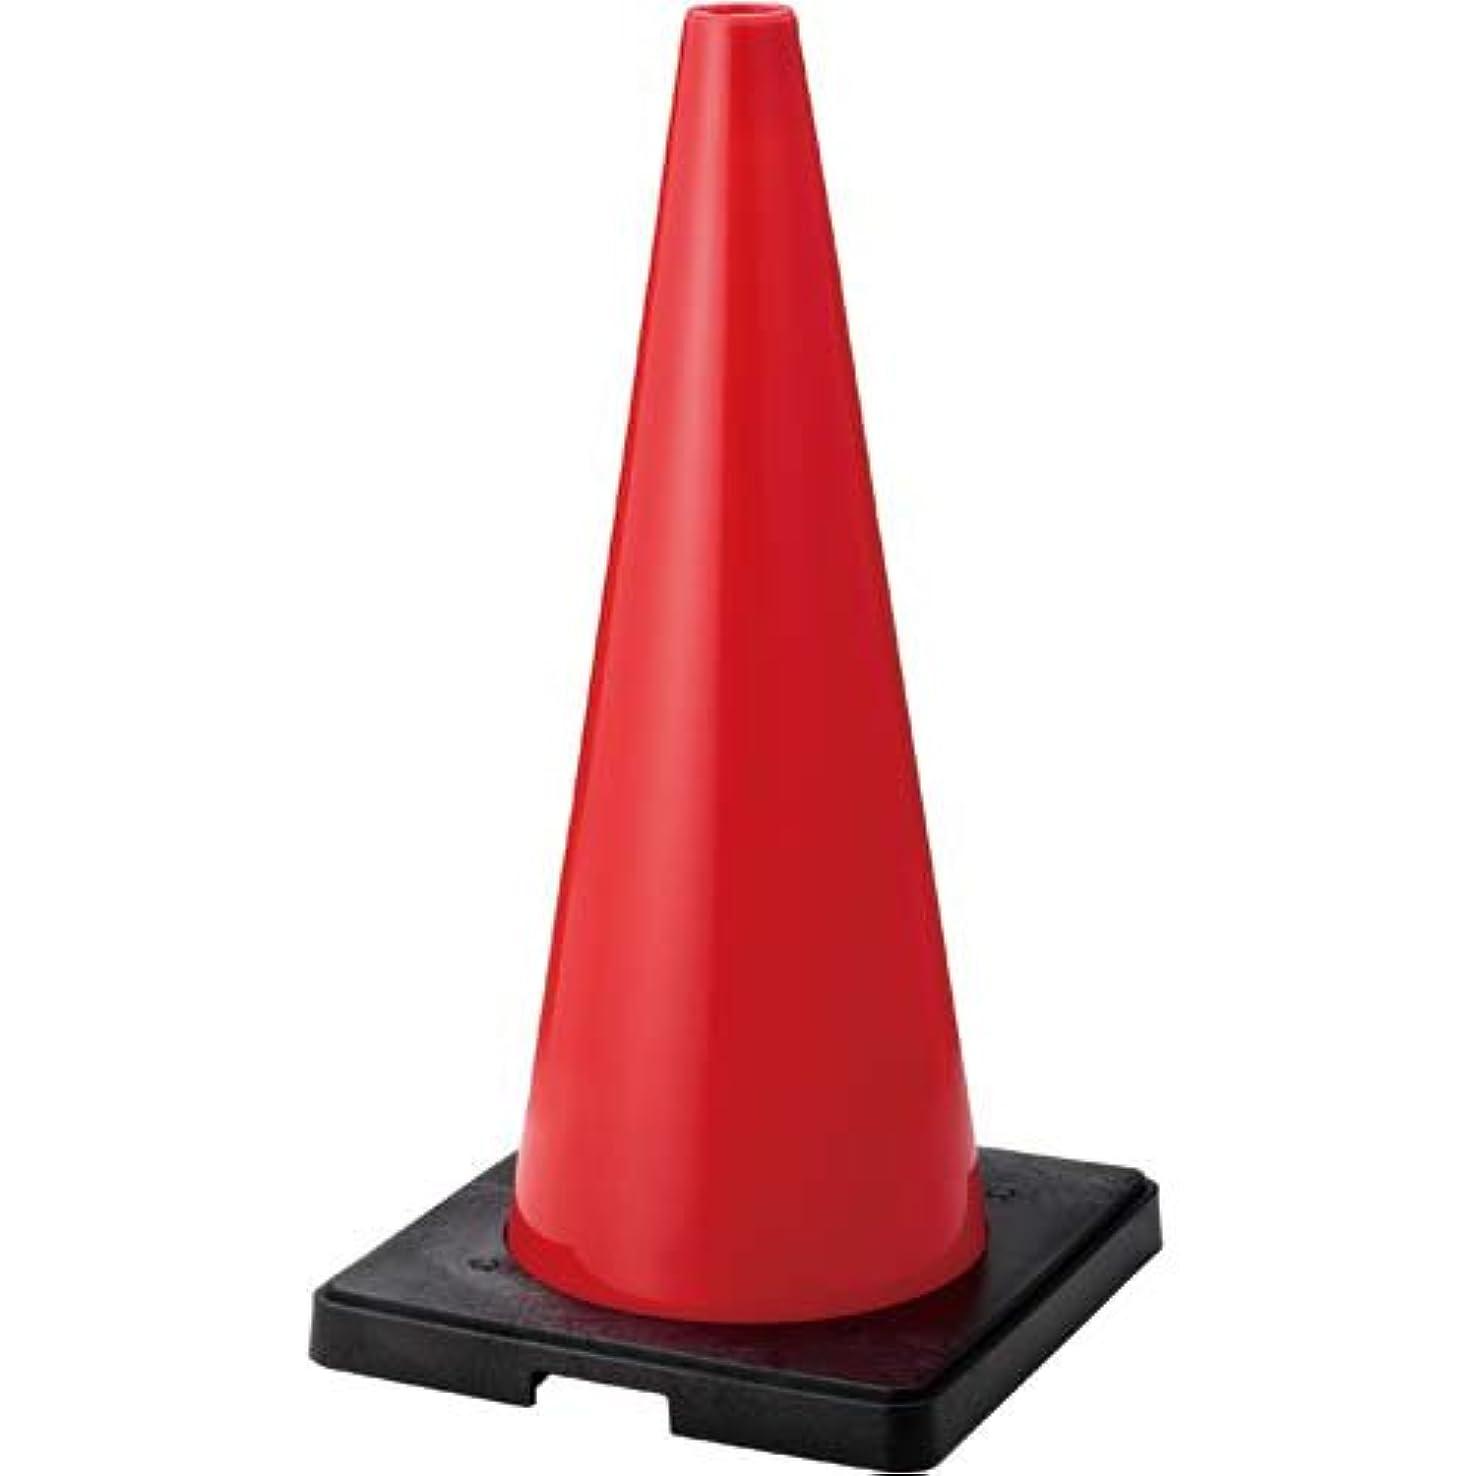 WING ACE 樹脂製コーンベット付三角コーン 赤